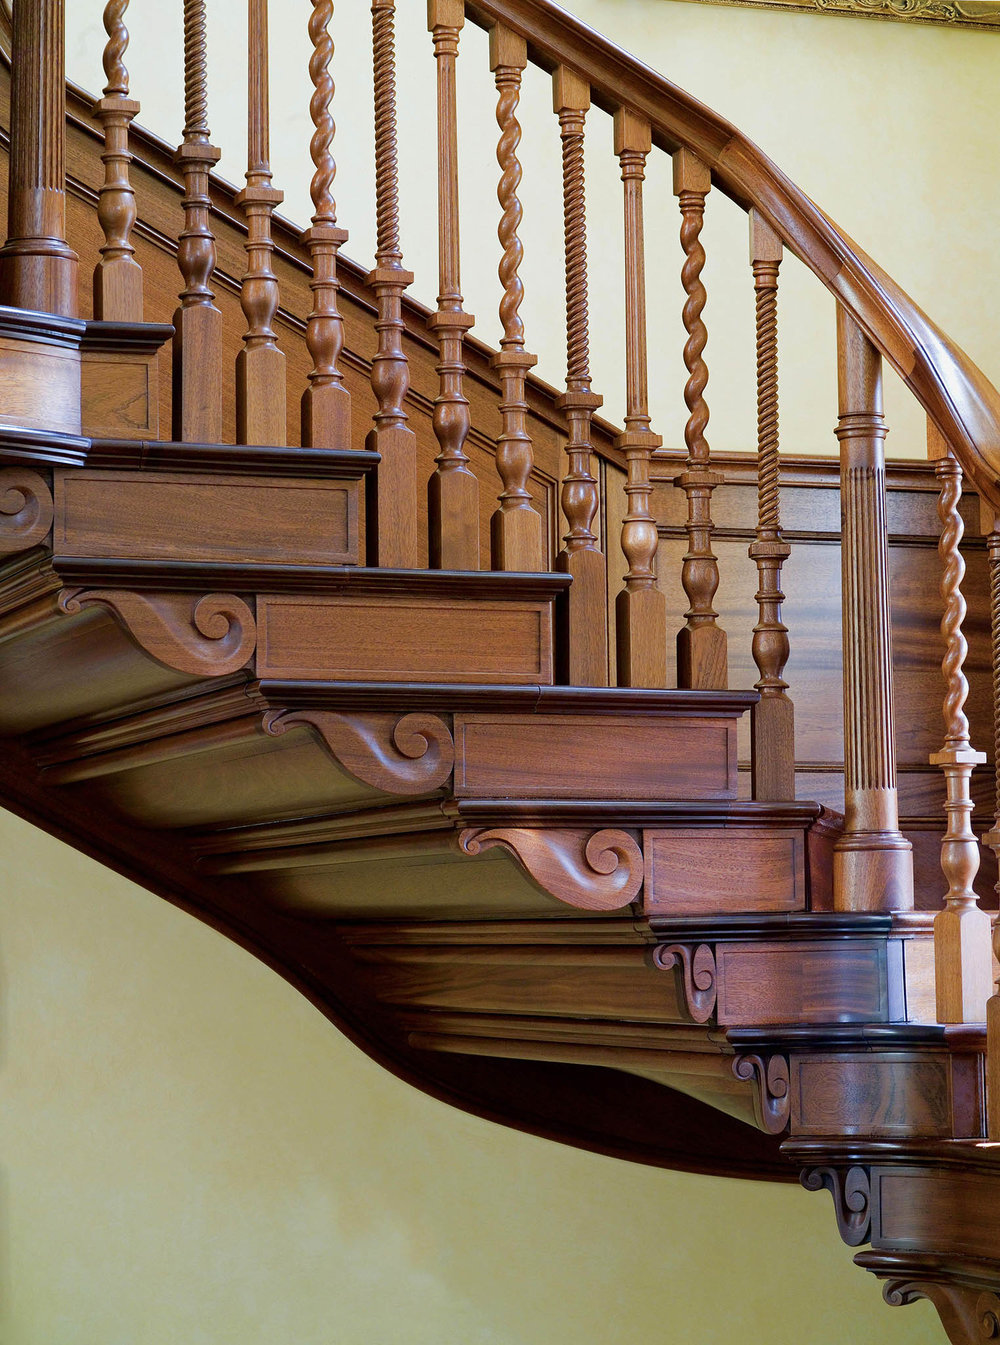 手工雕刻的波浪花紋裝飾在桃花心木的門廳樓梯上。